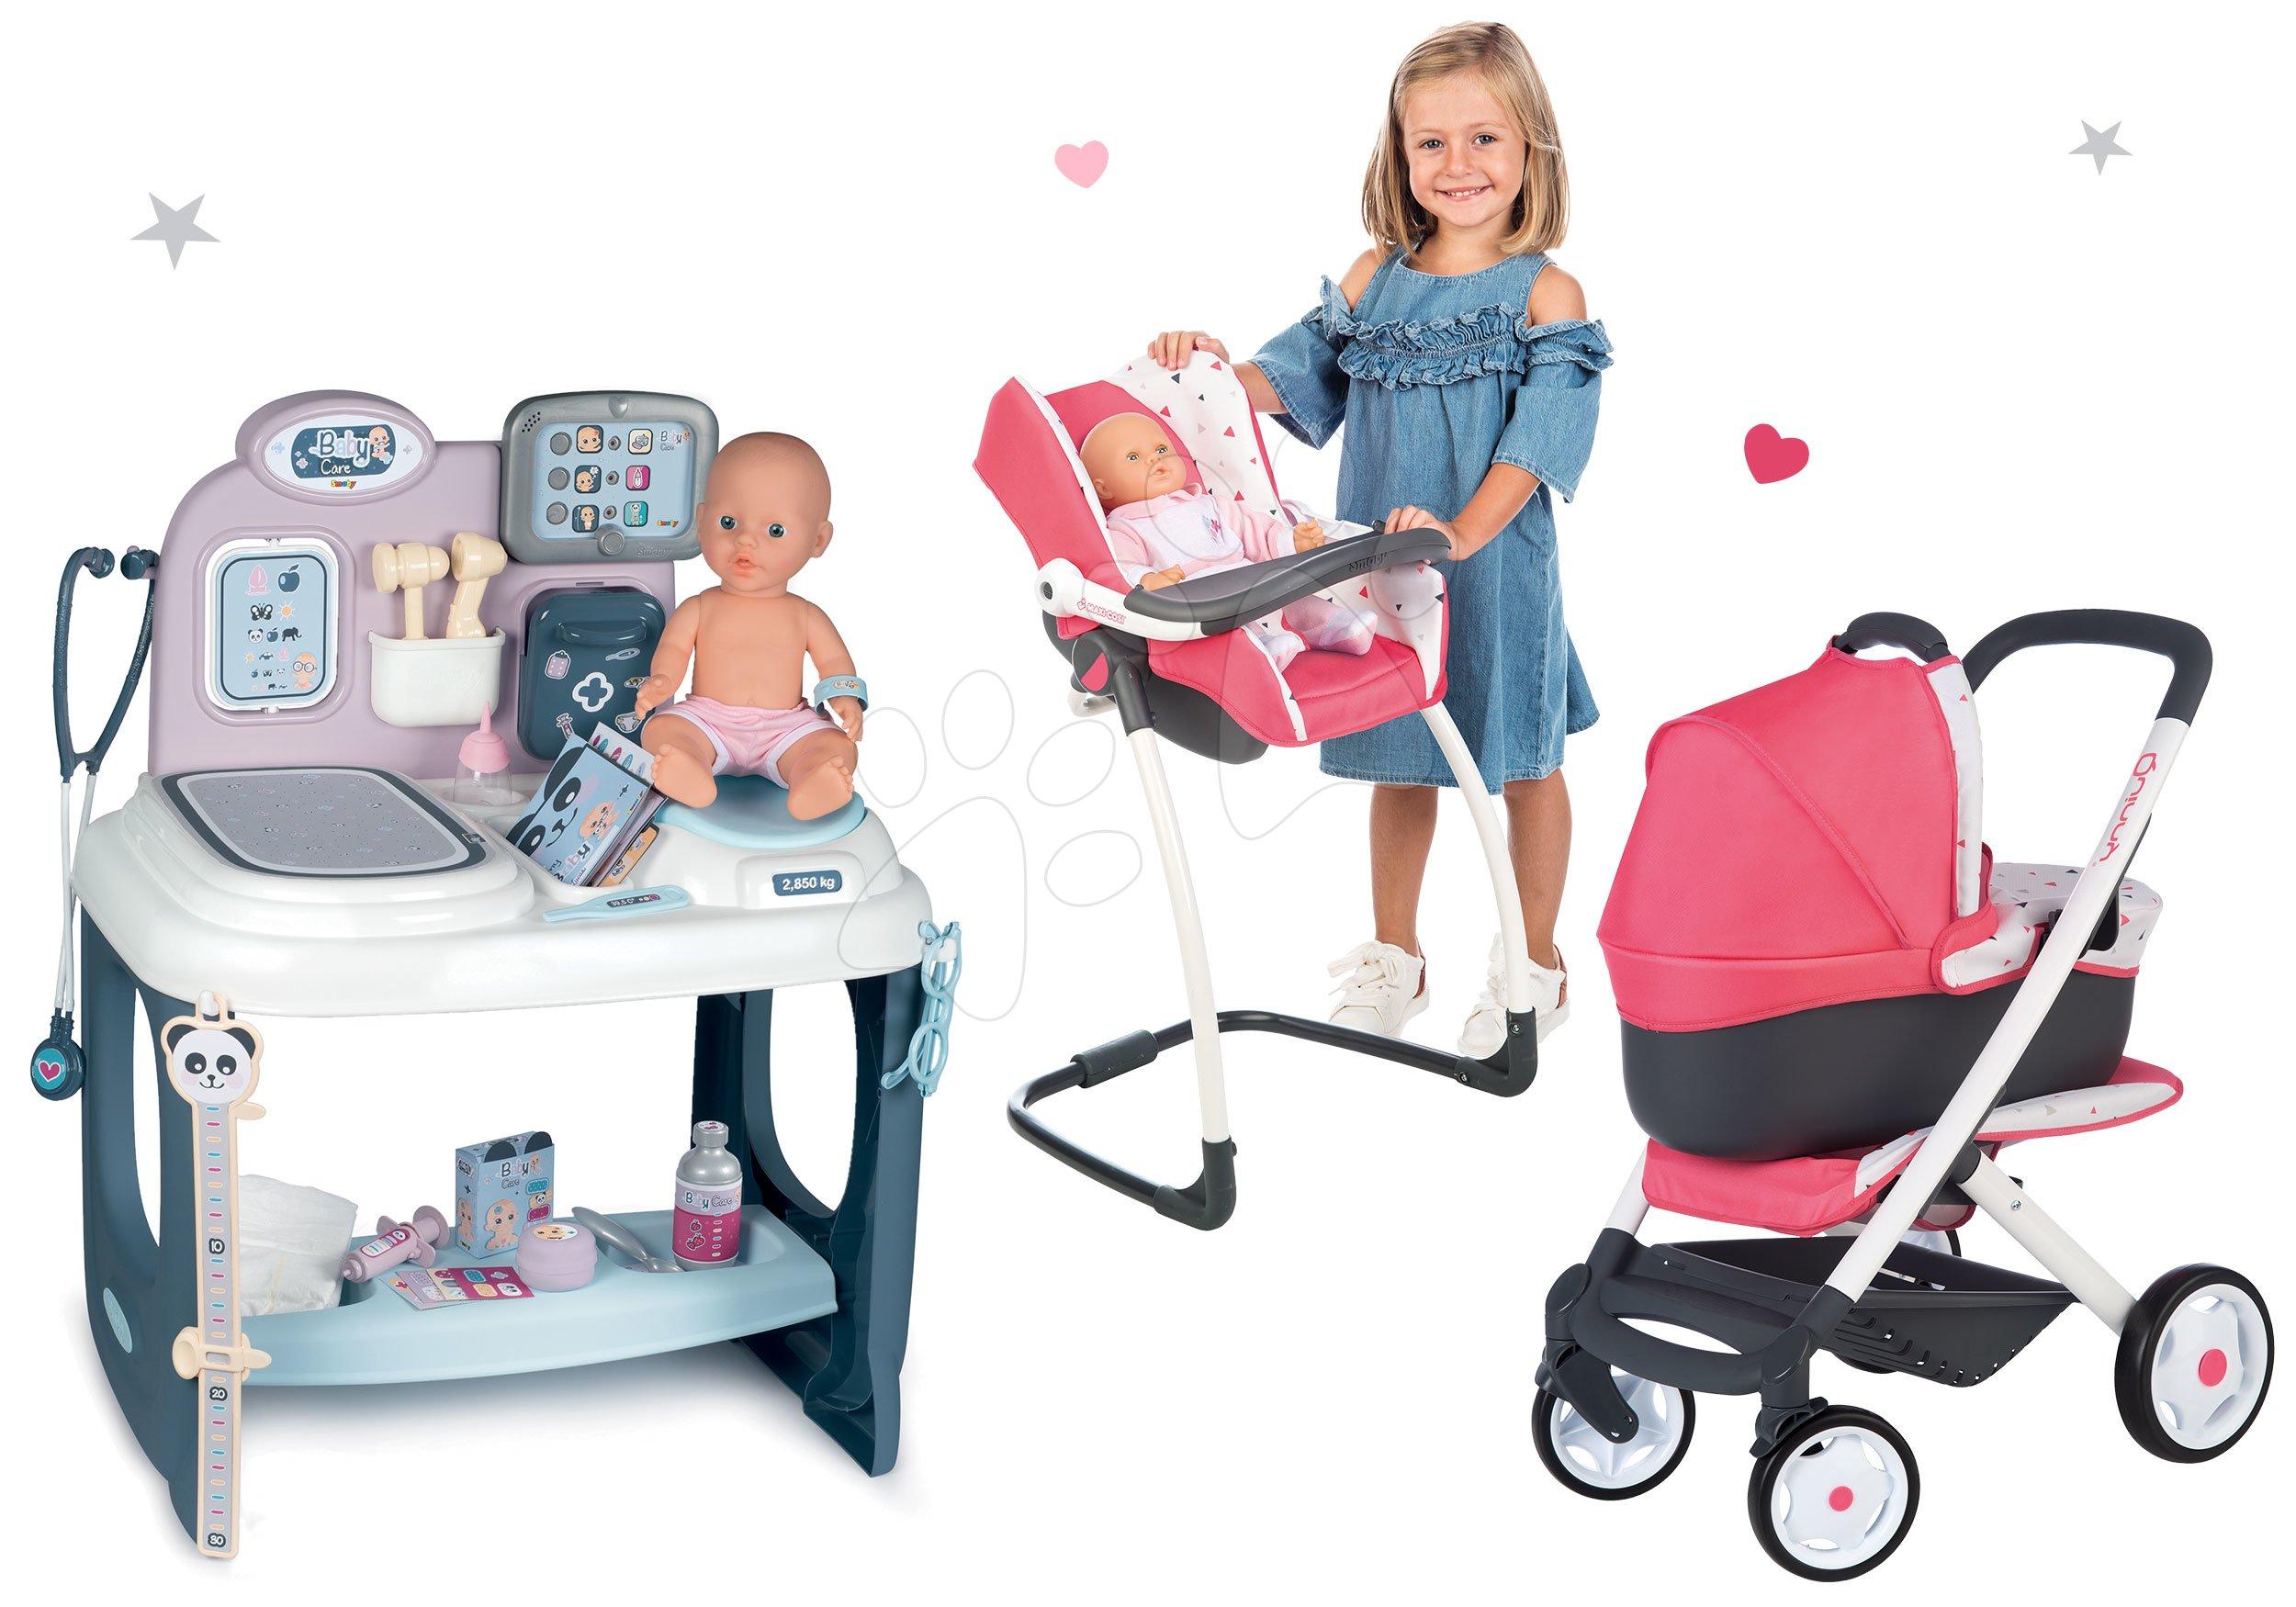 Set zdravotnícky pult pre lekára Baby Care Center Smoby s kočíkom trojkombináciou a jedálenská stolička s hojdačkou a nosítkom Maxi Cosi